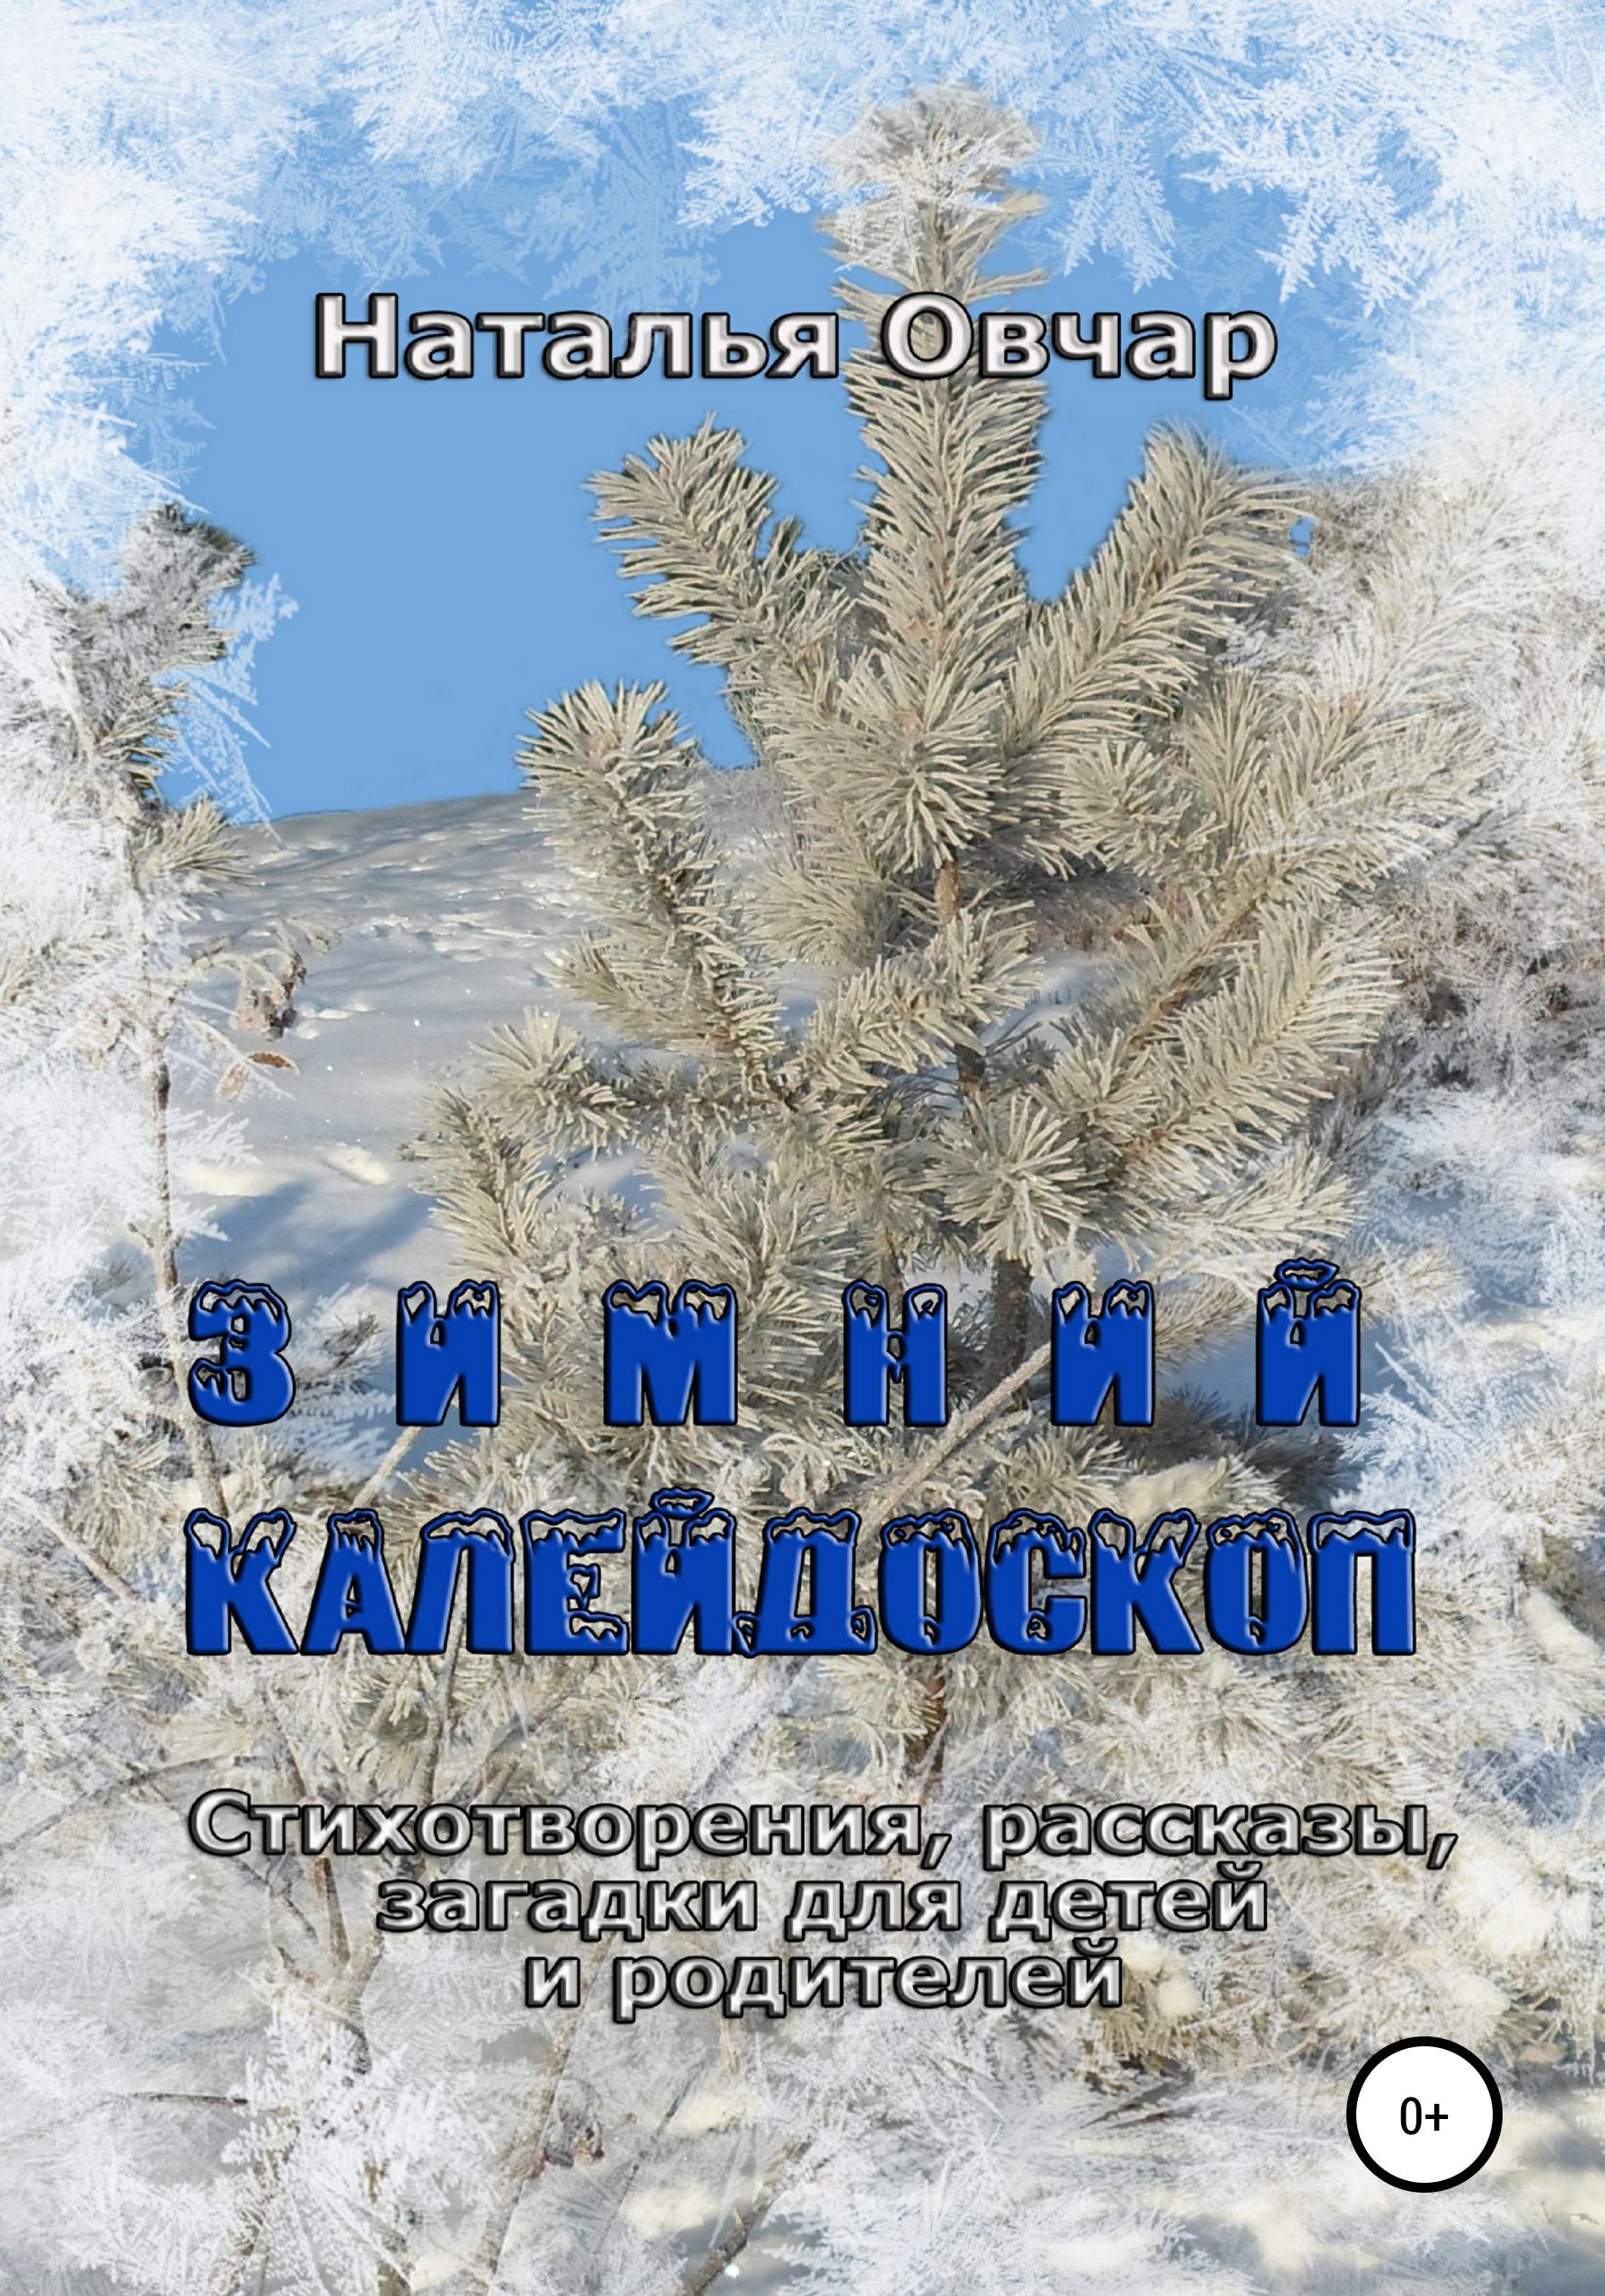 Зимний калейдоскоп. Рассказы, загадки и стихотворения для детей и родителей